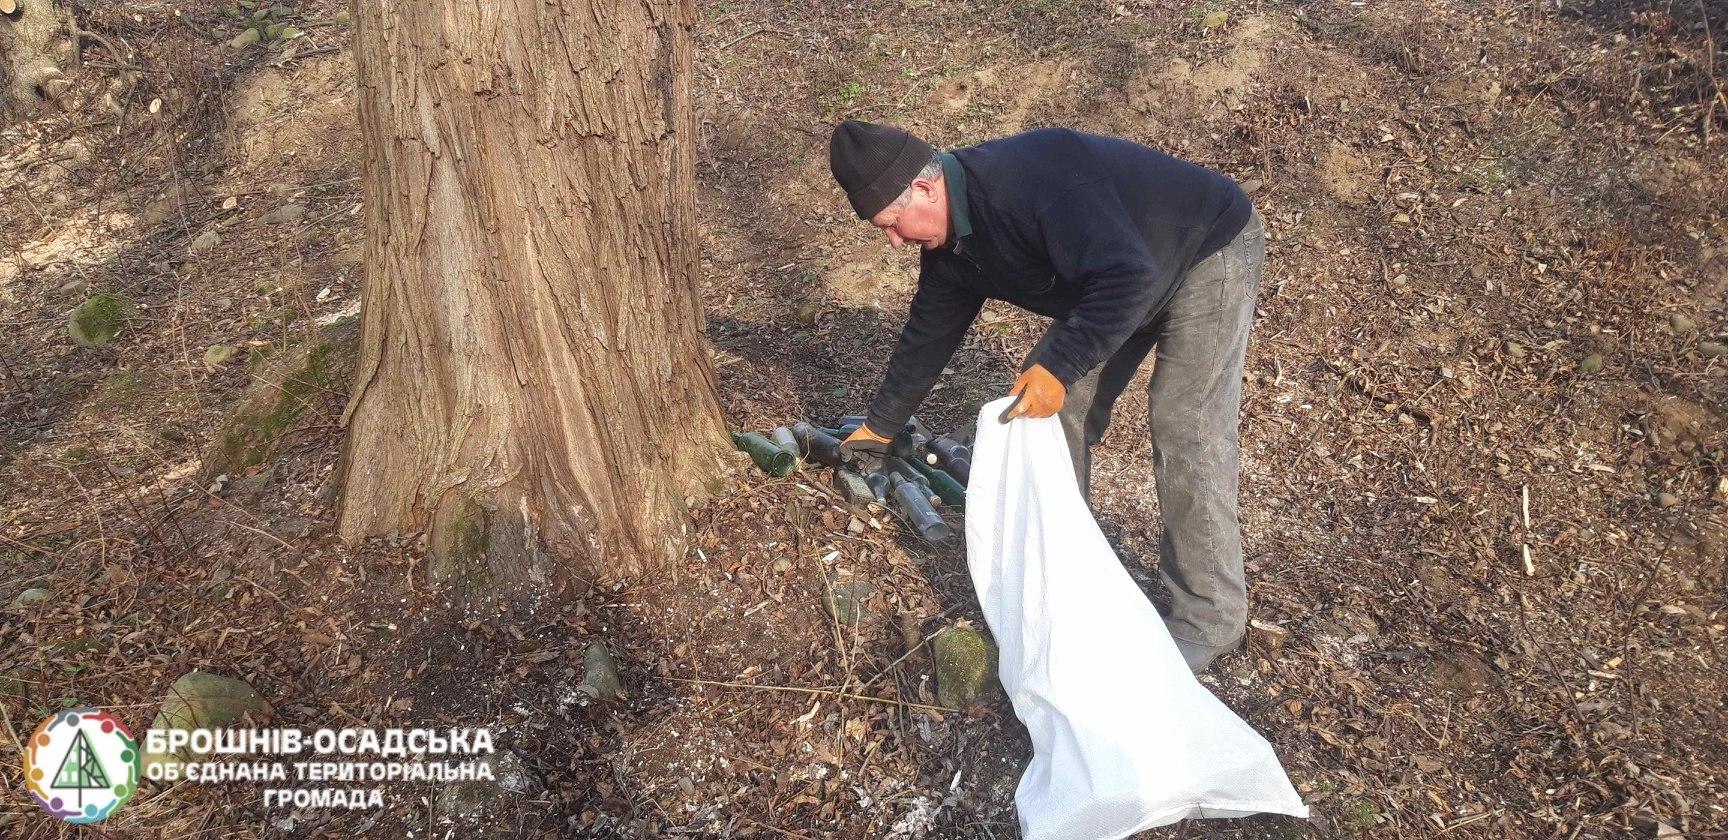 Мешканці прикарпатського села облагородили відпочинкову зону та назбирали дров для малозабезпечених сімей 4